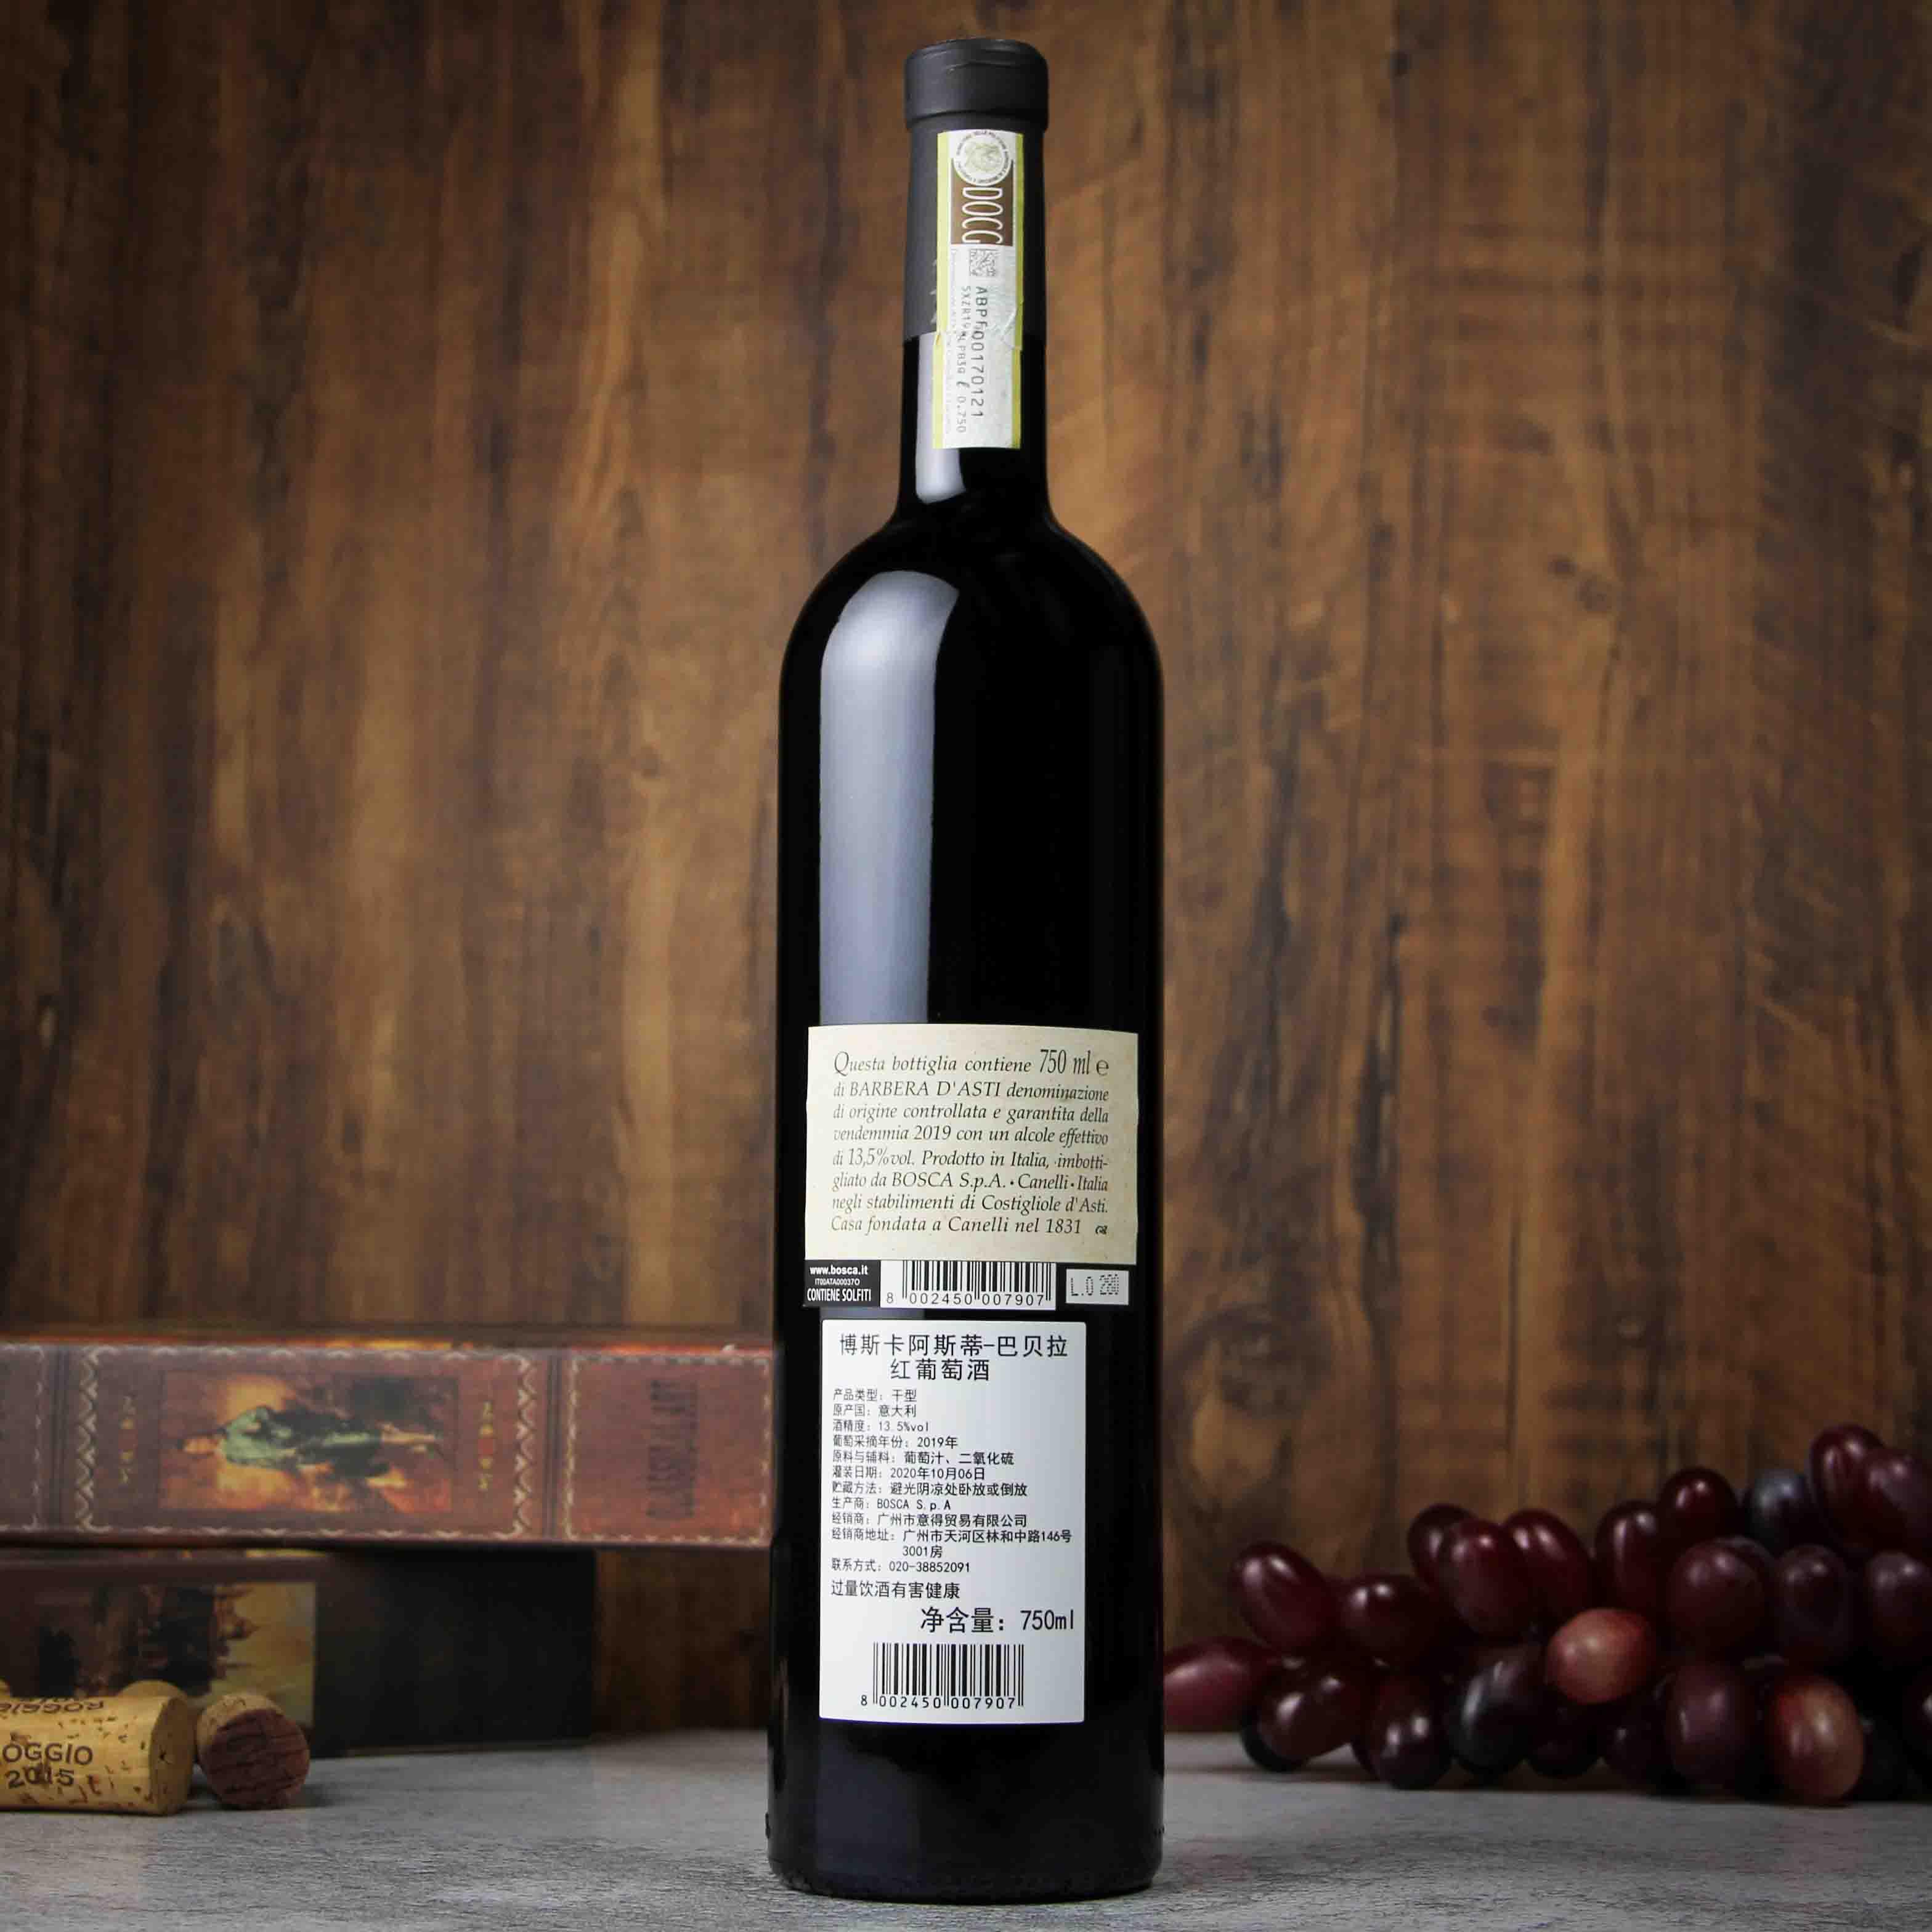 意大利皮埃蒙特佰世嘉阿斯蒂-巴贝拉红葡萄酒